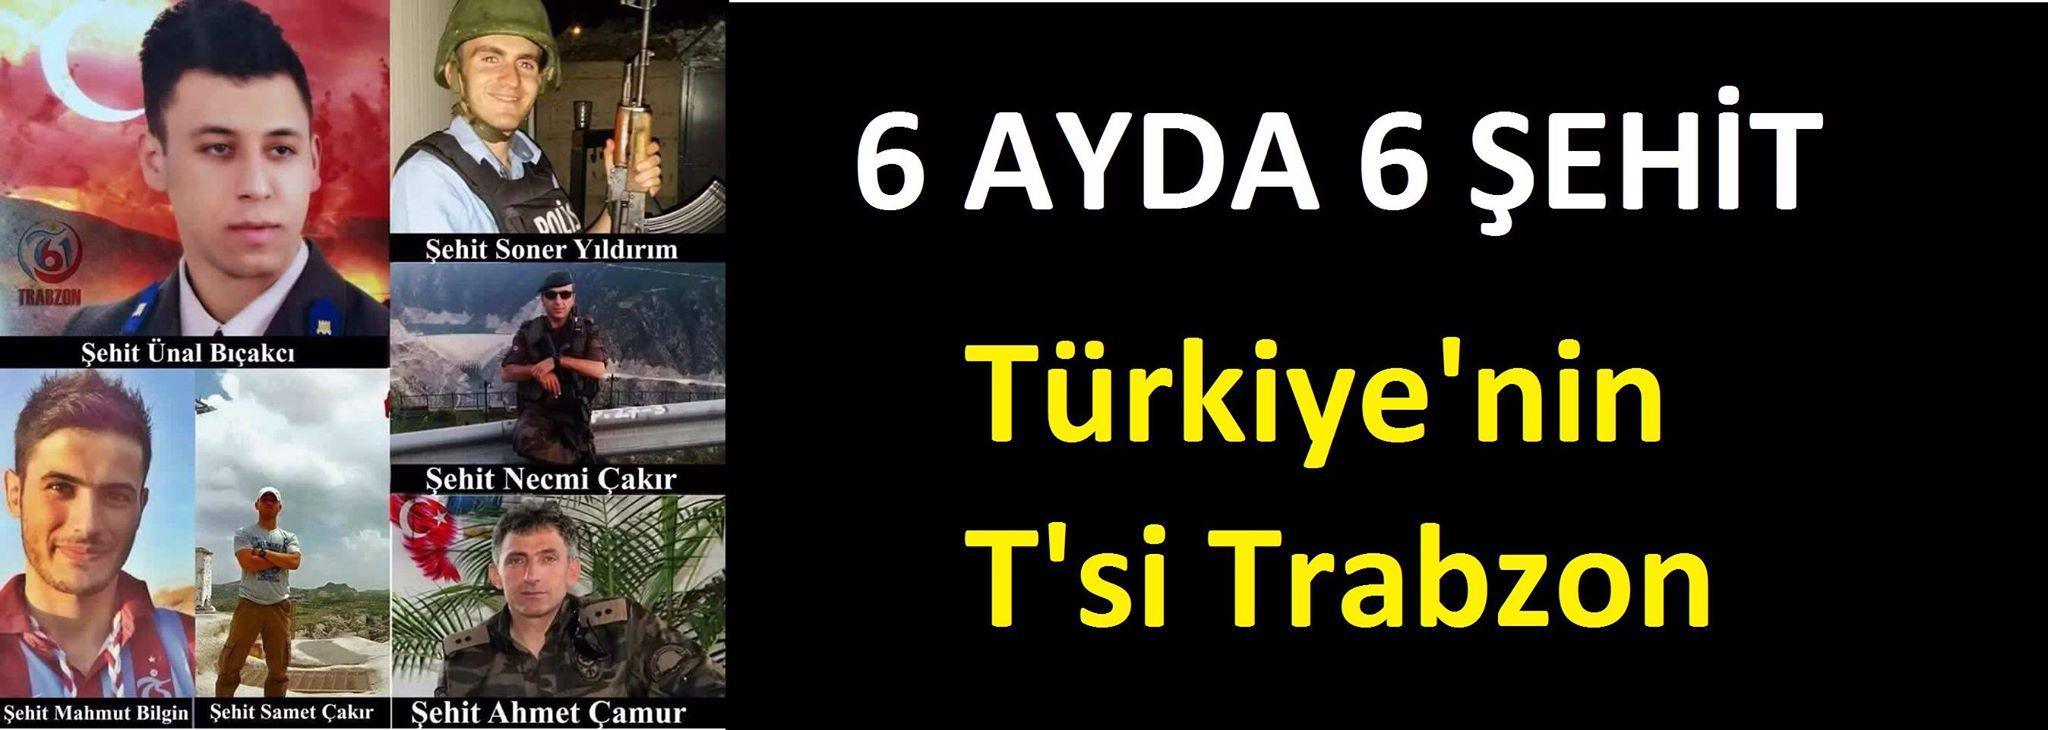 Trabzon 6 ayda 6 şehit verdi